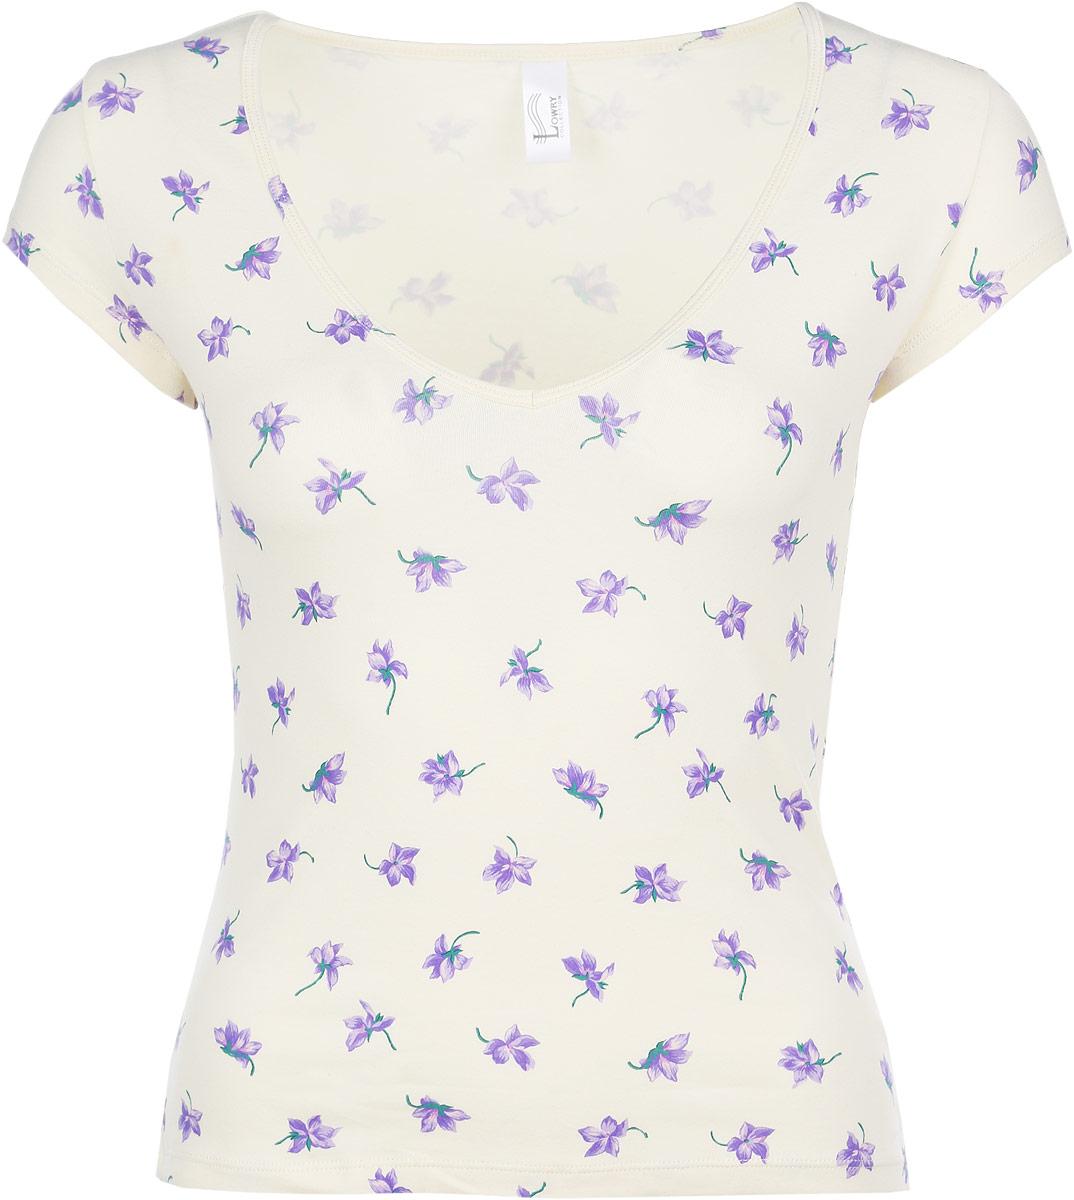 ФутболкаLF-107Очаровательная женская футболка Lowry облегающего кроя, изготовленная из высококачественного материала, приятная на ощупь, не сковывает движения, обеспечивая наибольший комфорт. Модель с короткими рукавами и V-образным вырезом горловины. Оформлена нежным цветочным принтом. Очень комфортная модель, которая отлично будет смотреться с различными предметами вашего гардероба.